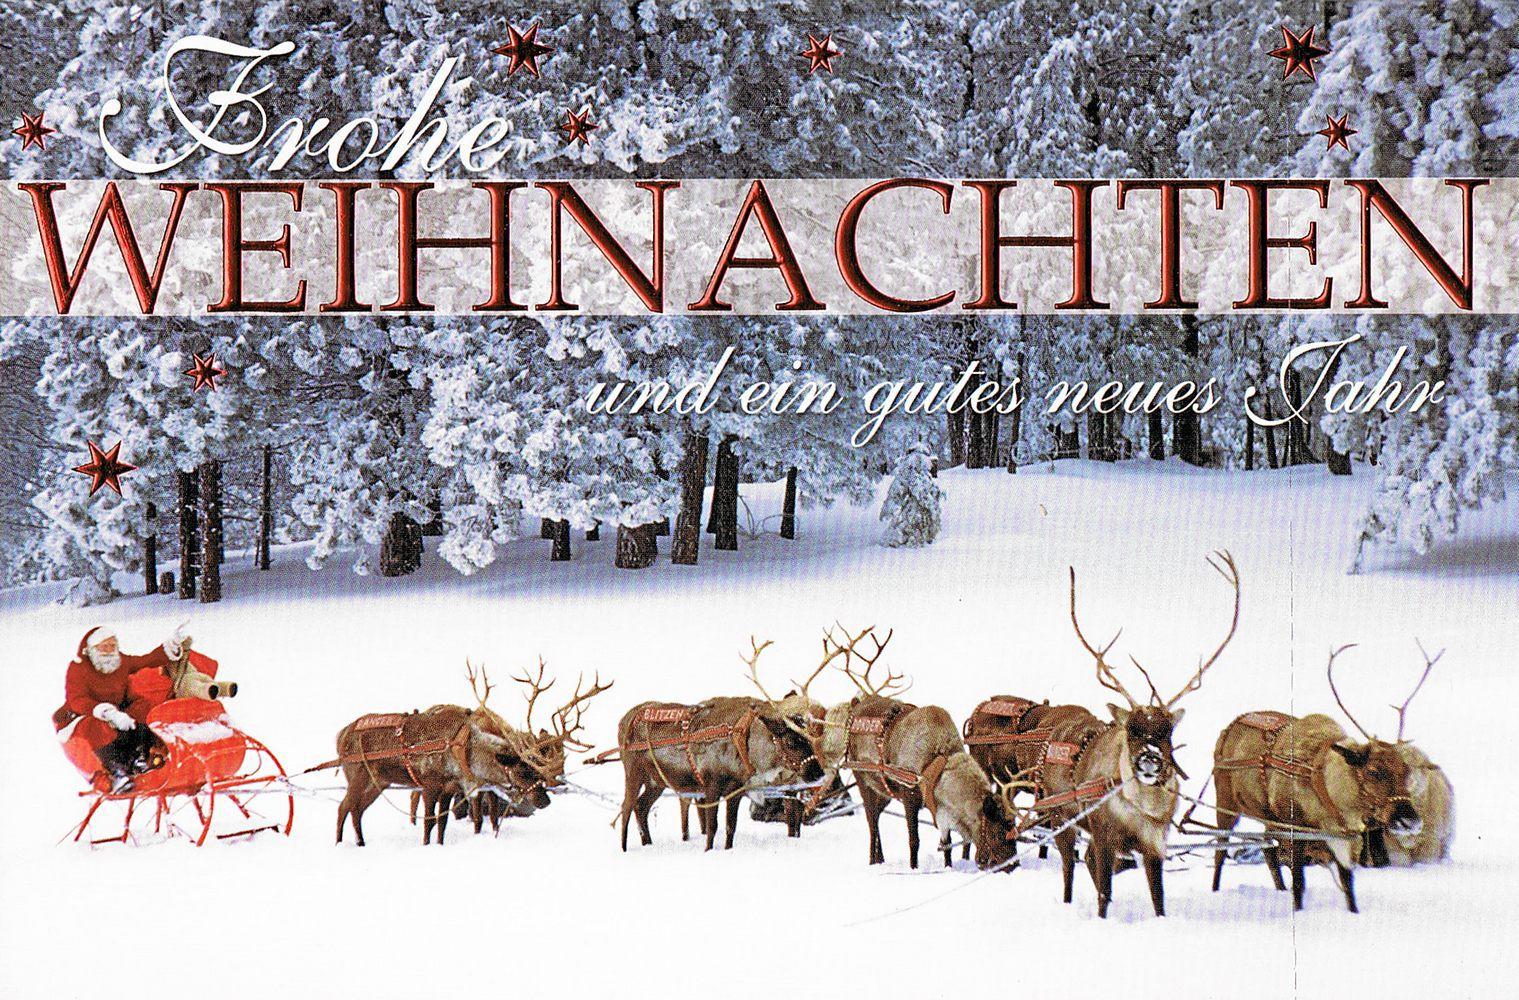 Weihnachtskarte - Weihnachtsmann Mit Rentierschlitten für Weihnachtsmann Rentierschlitten